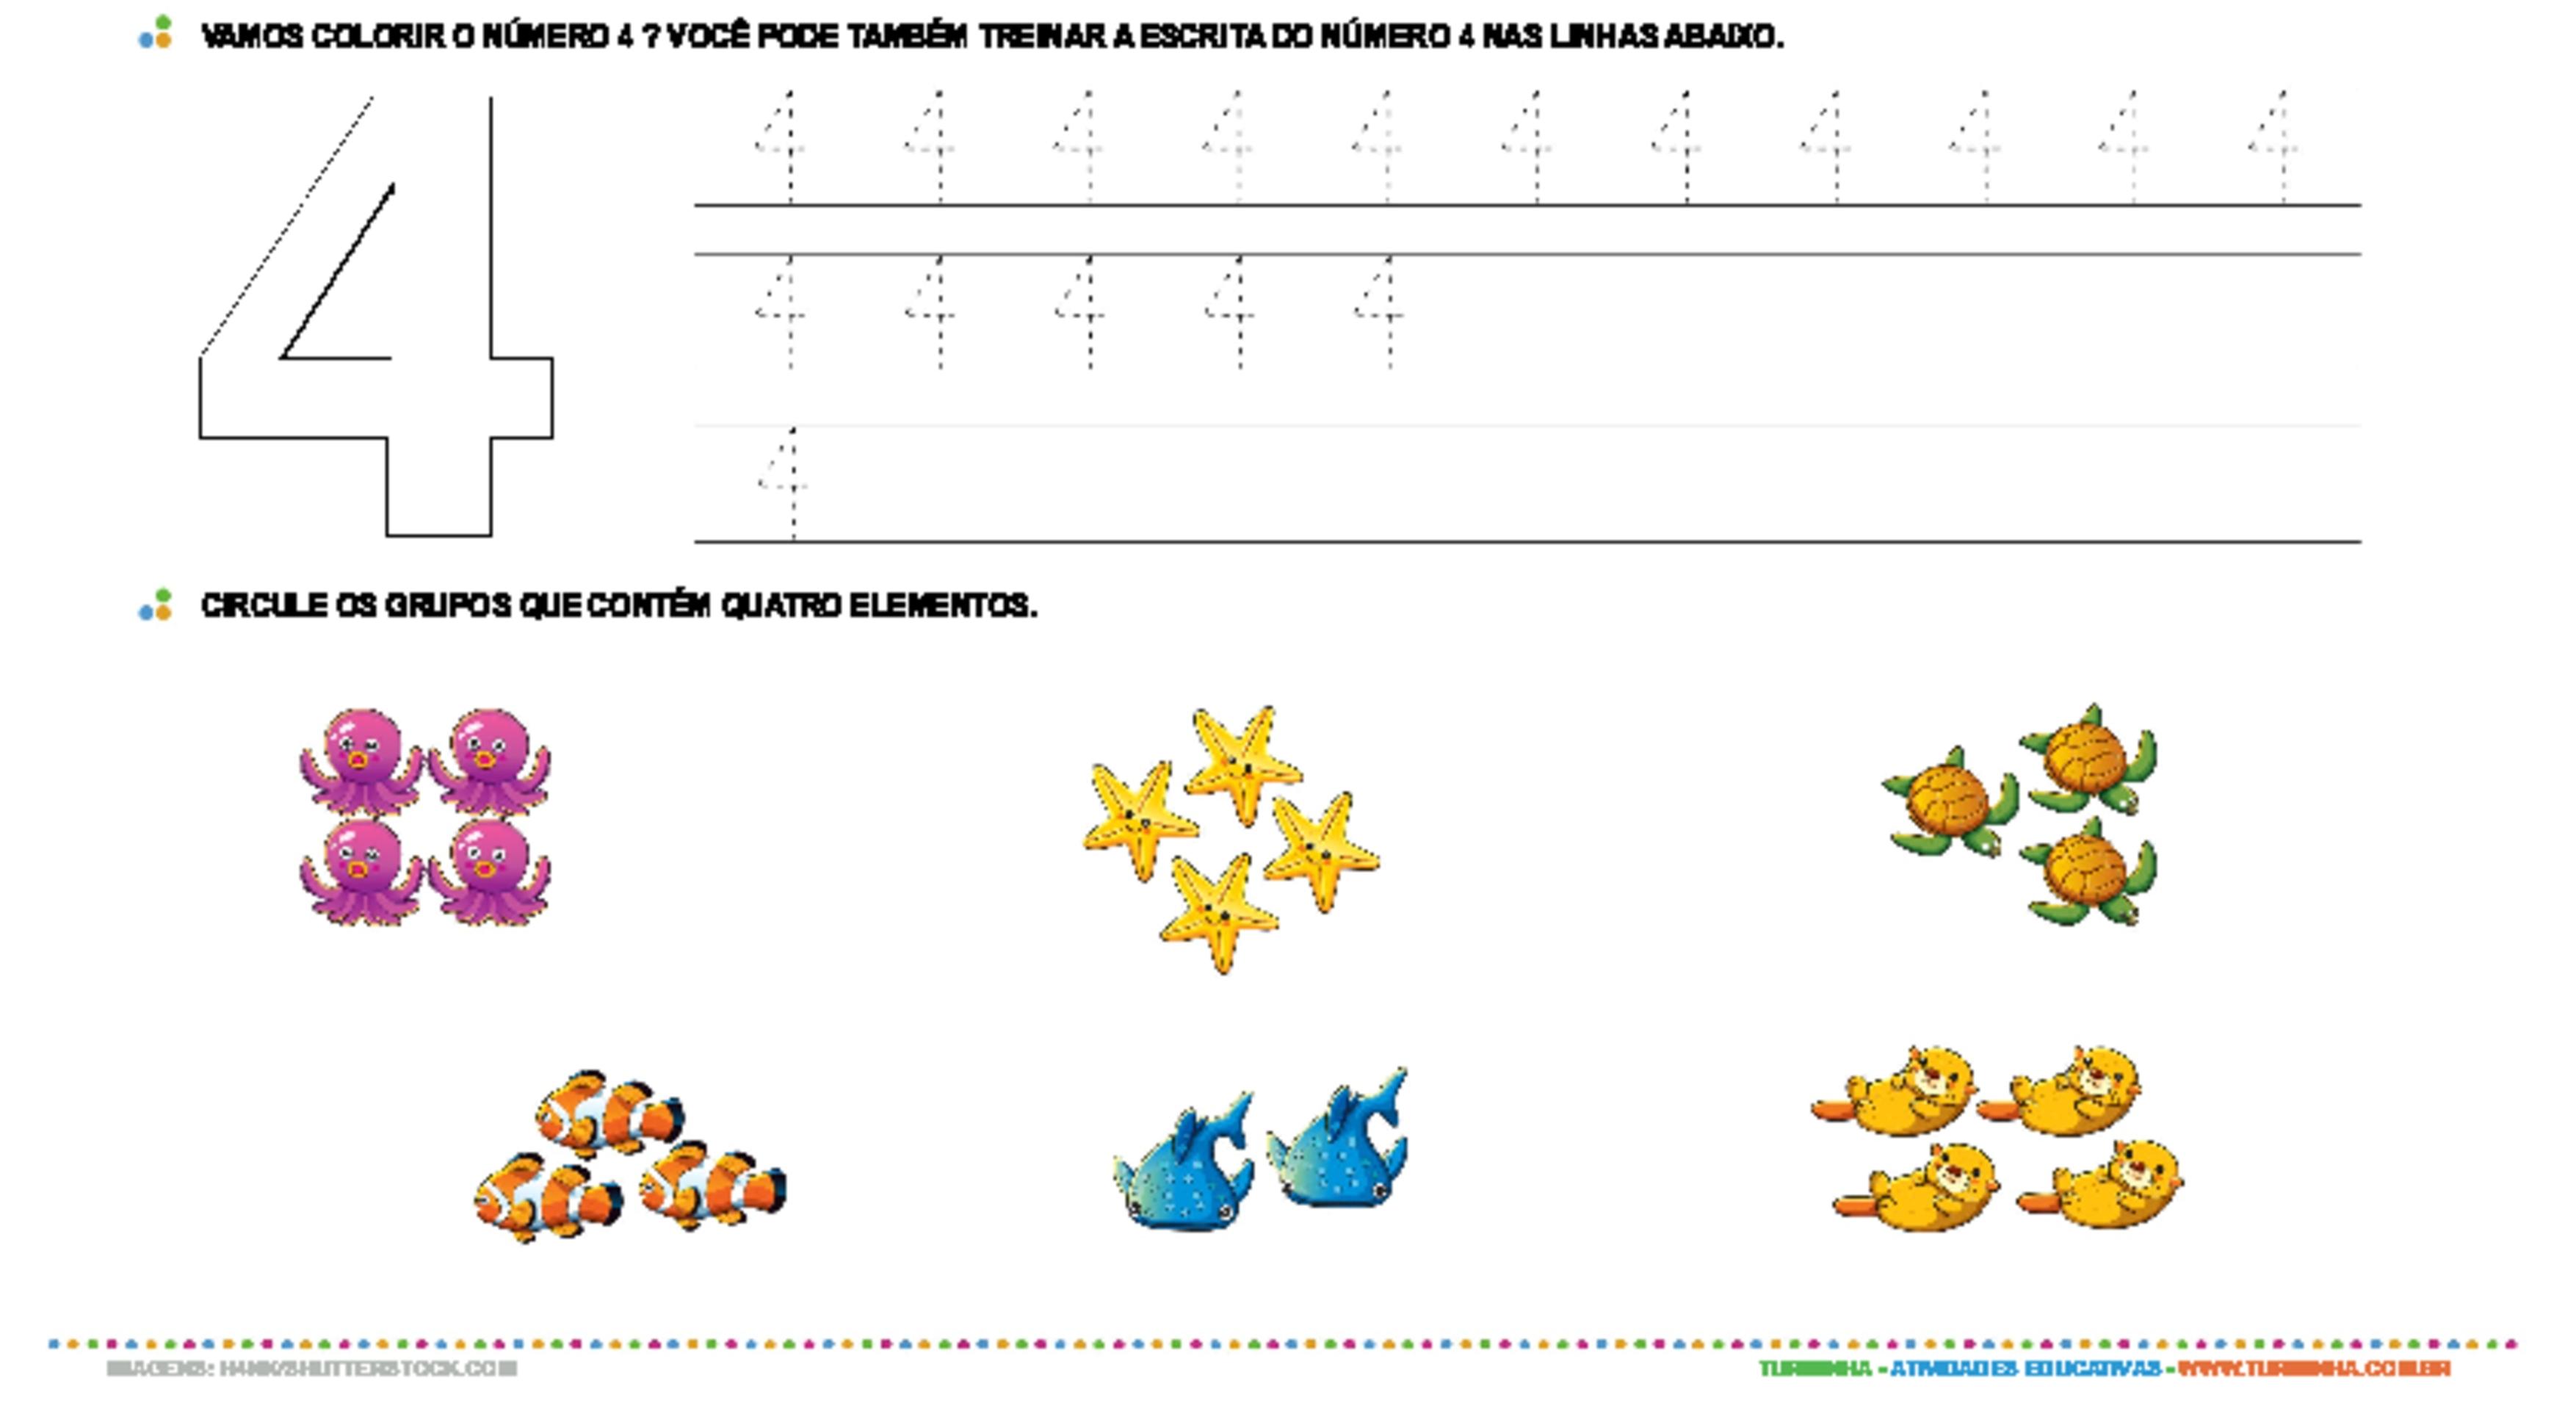 Aprendendo o número 4 - atividade educativa para Creche (0 a 3 anos)